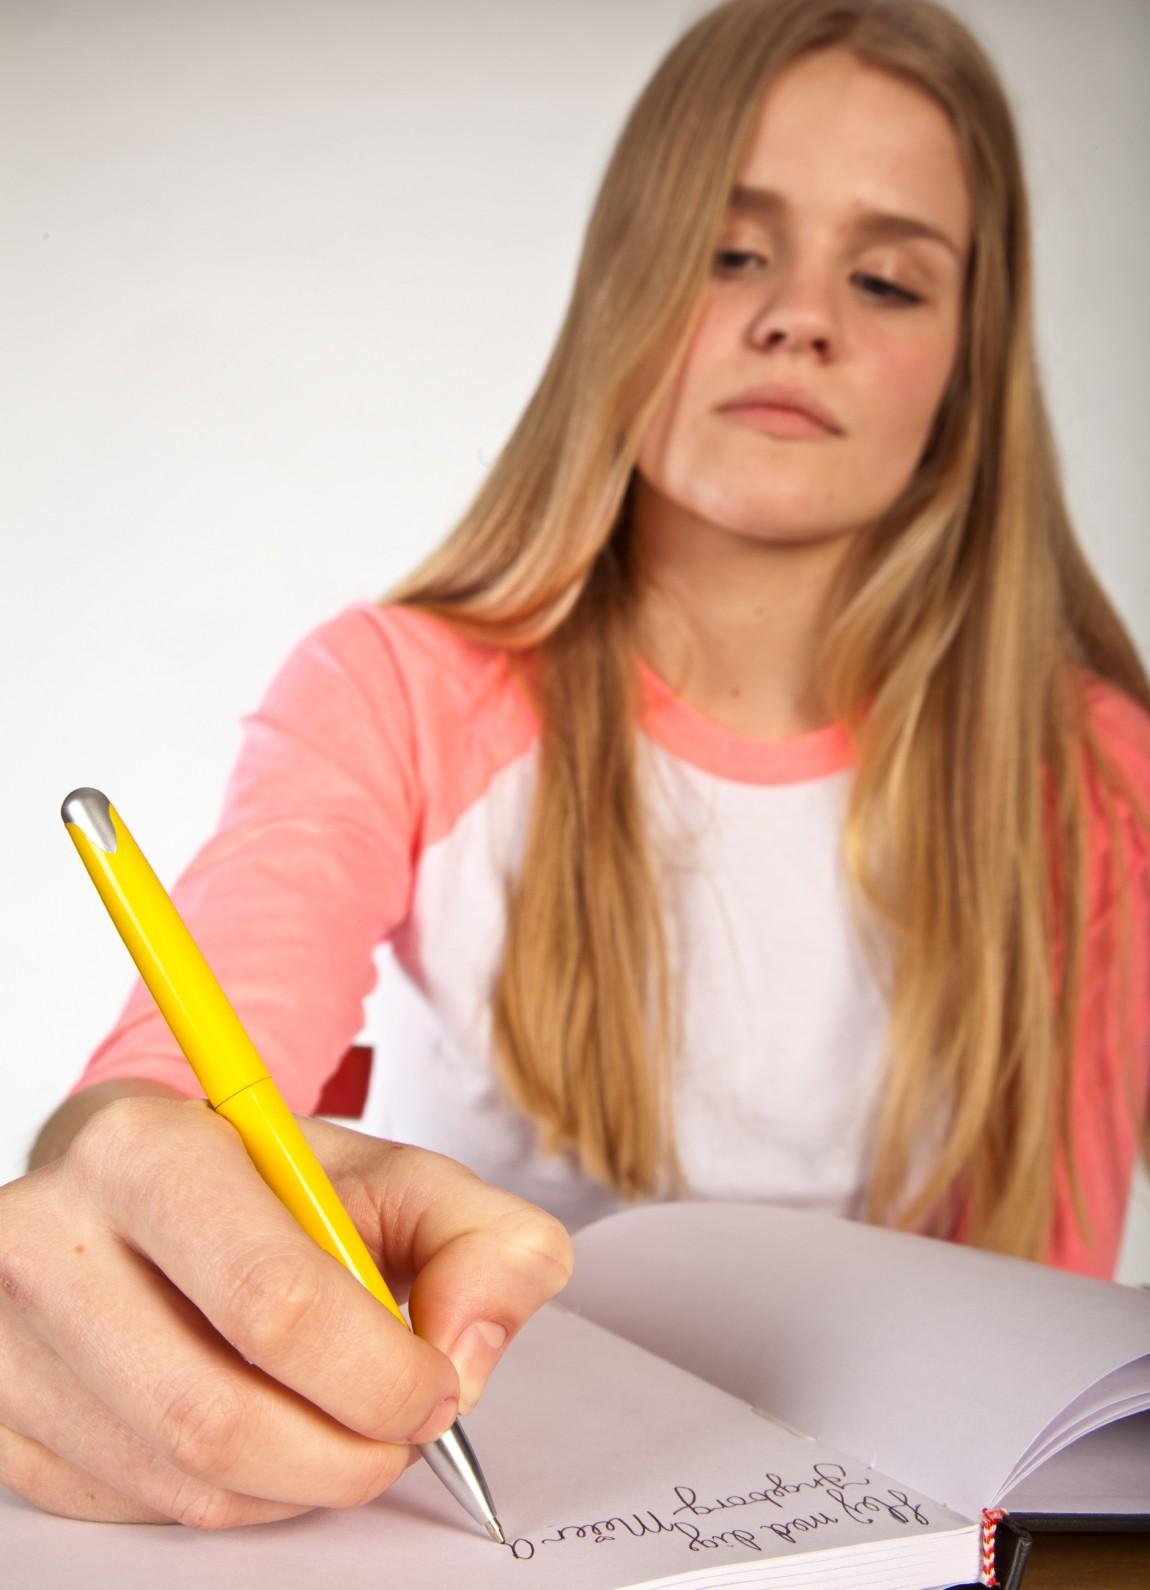 Pige der skriver